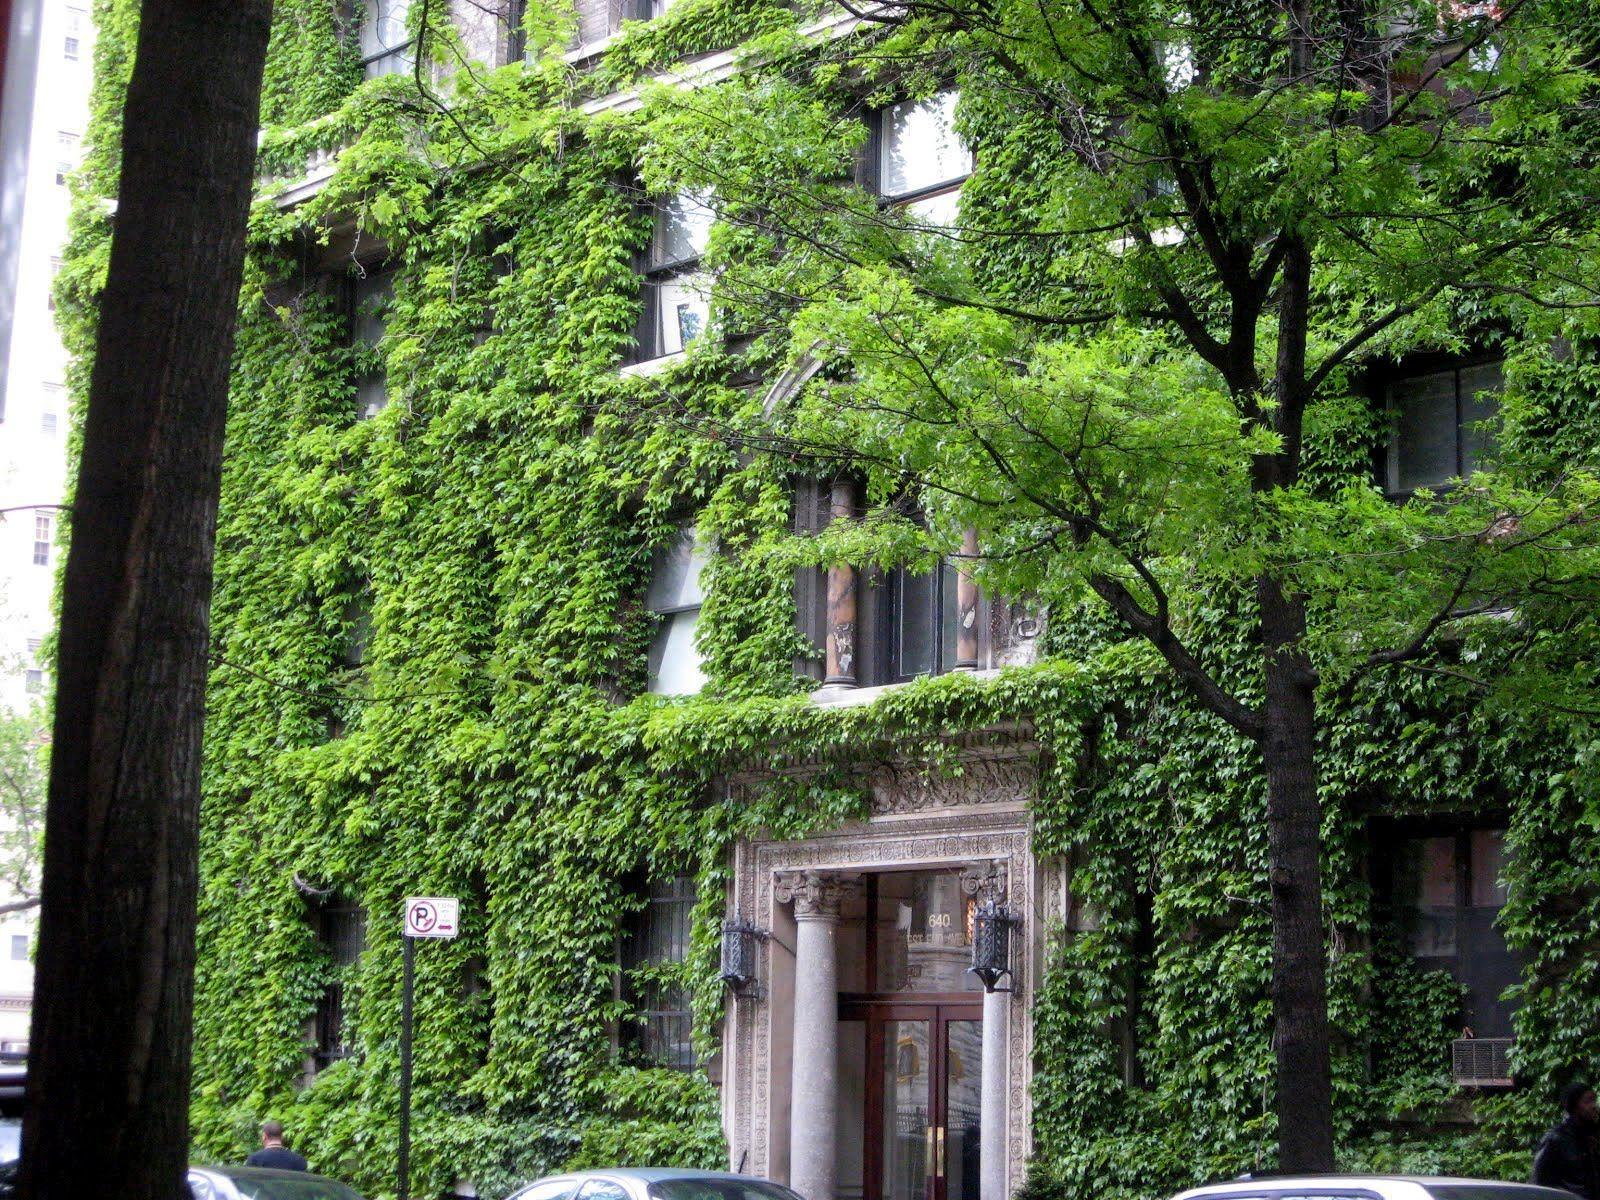 Seinfeld Apartment Exterior